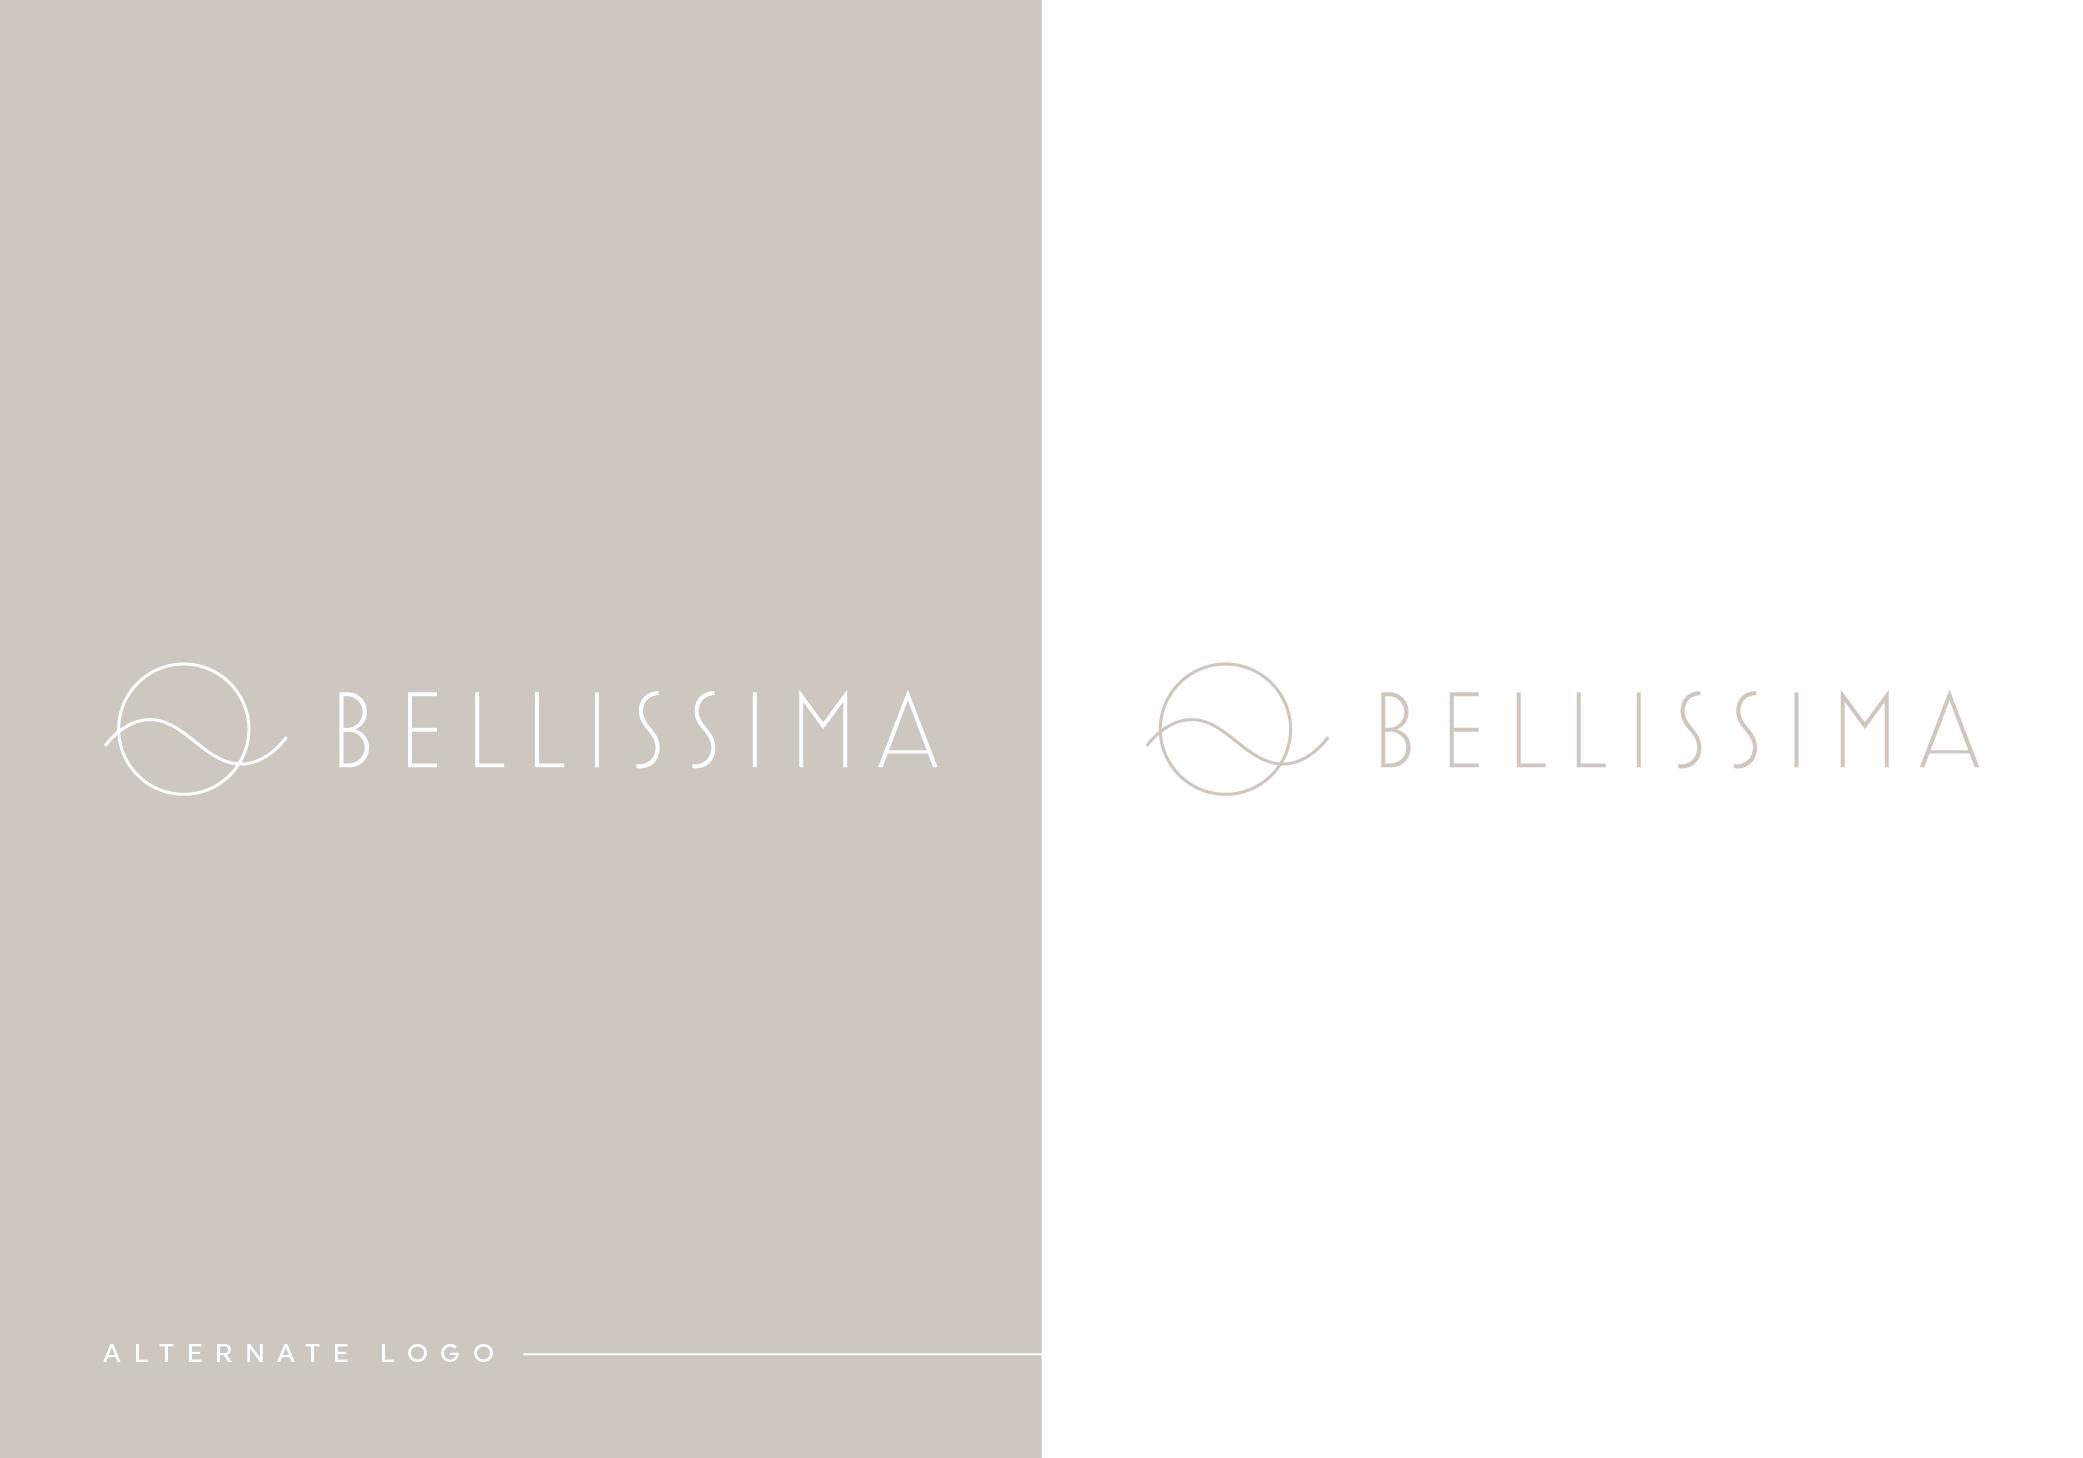 Bellissima_Slide_updated-03.png